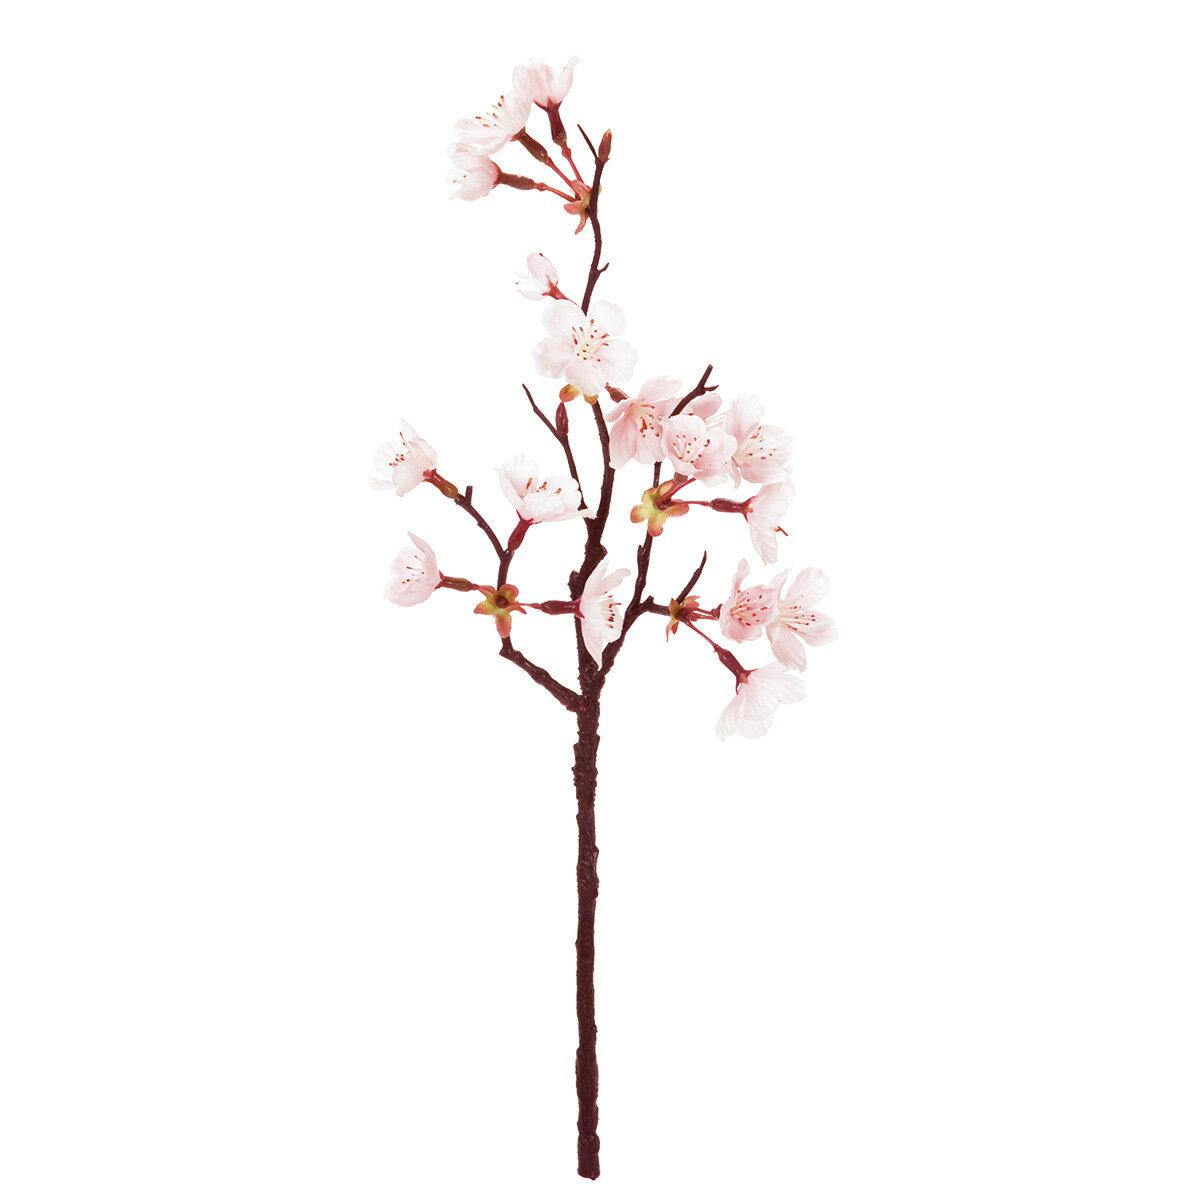 【造花】MAGIQ(東京堂)/淡雪の桜 ミニ LTPK/FM008064【01】【取寄】《 造花(アーティフィシャルフラワー) 造花 花材「さ行」 さくら(桜) 》